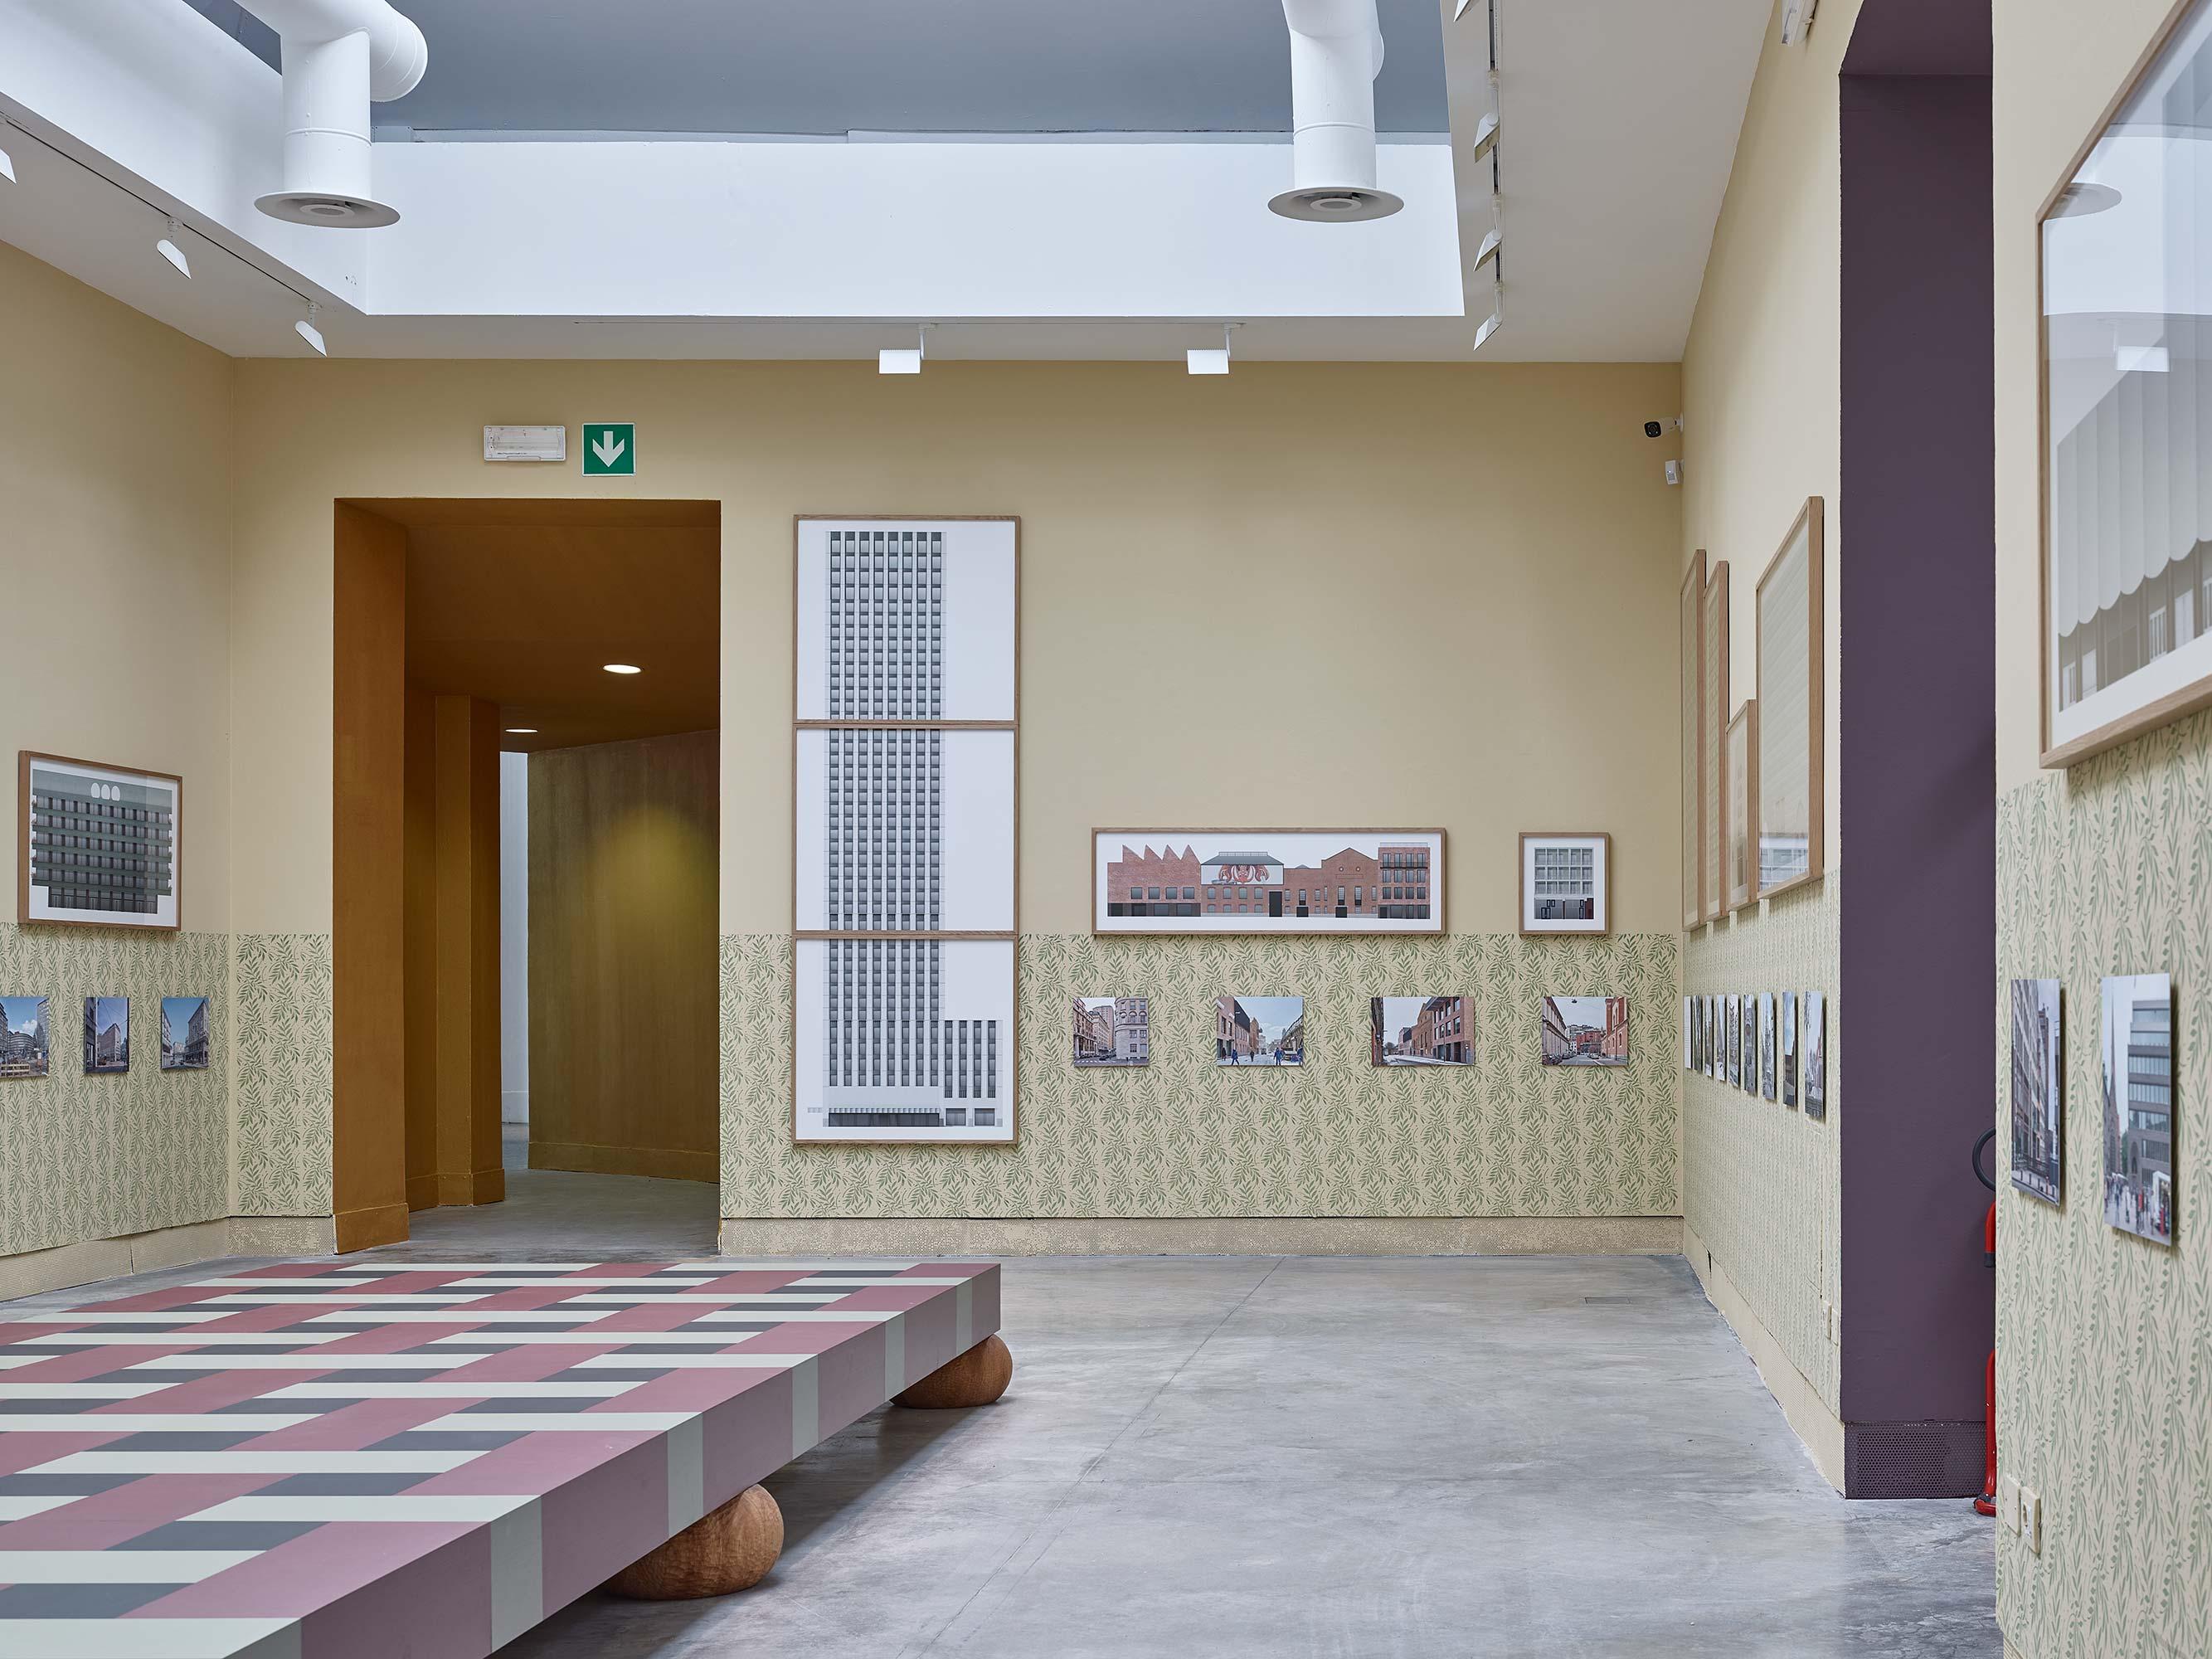 Architekturbiennale Venedig 2018  5/9